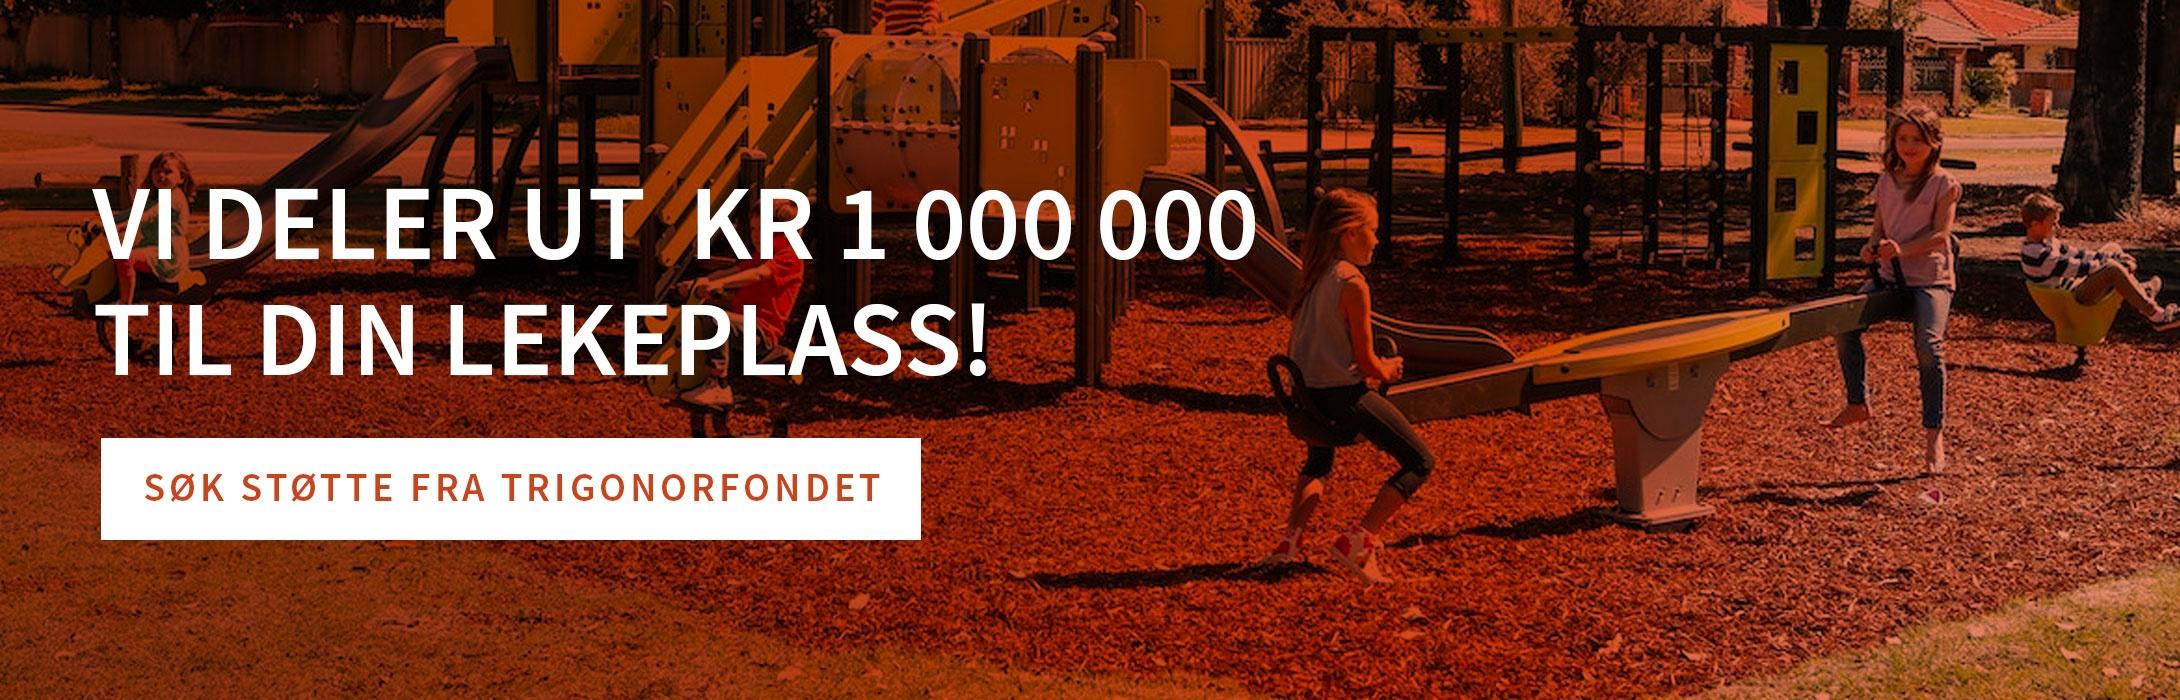 Vi deler ut kr 1 000 000 til din lekeplass! Søk om støtte fra Trigonorfondet her.